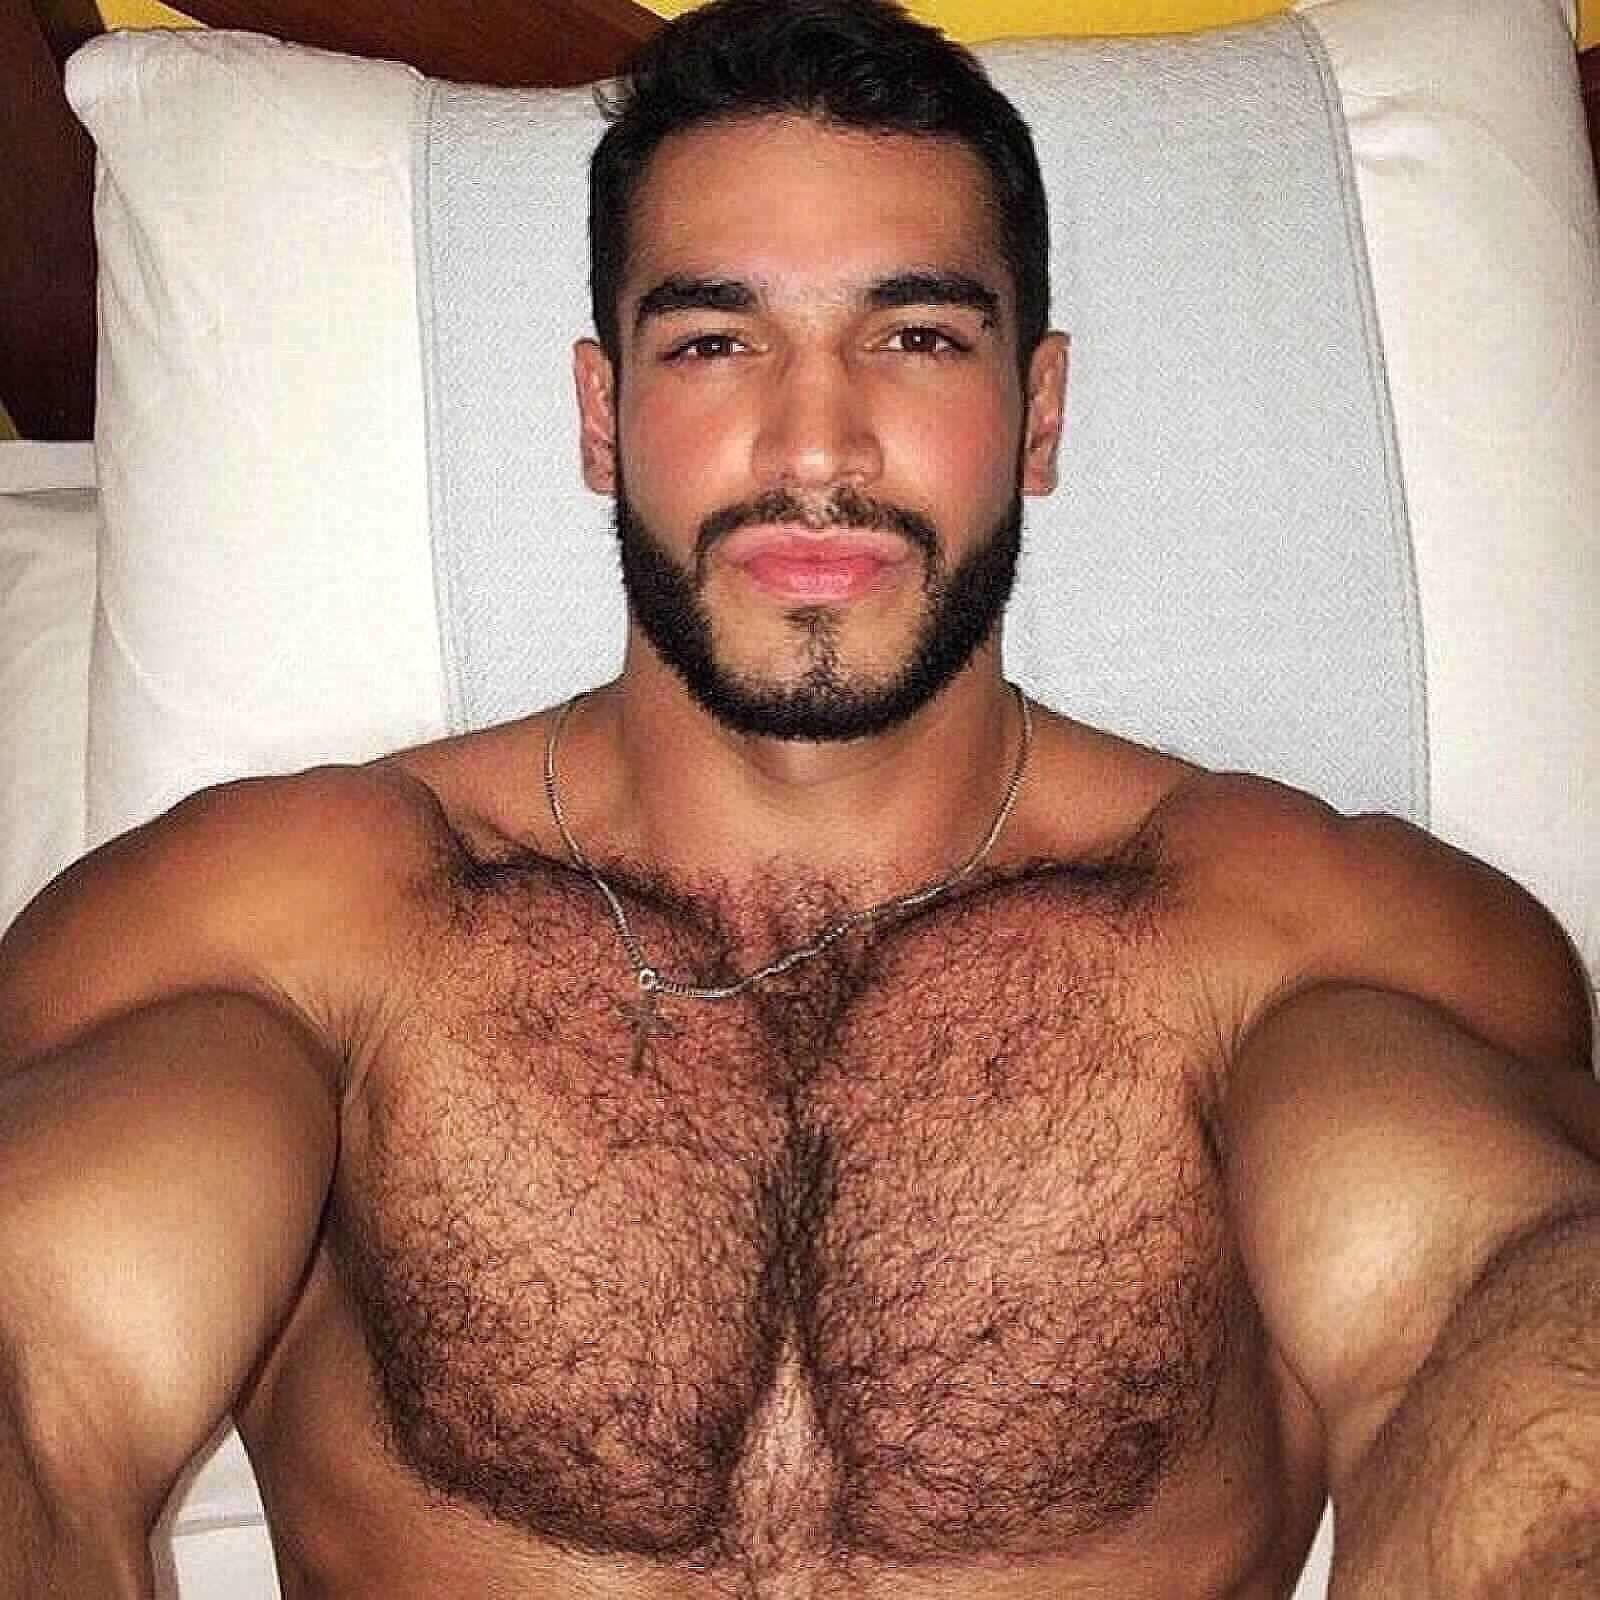 Hairy latin guys